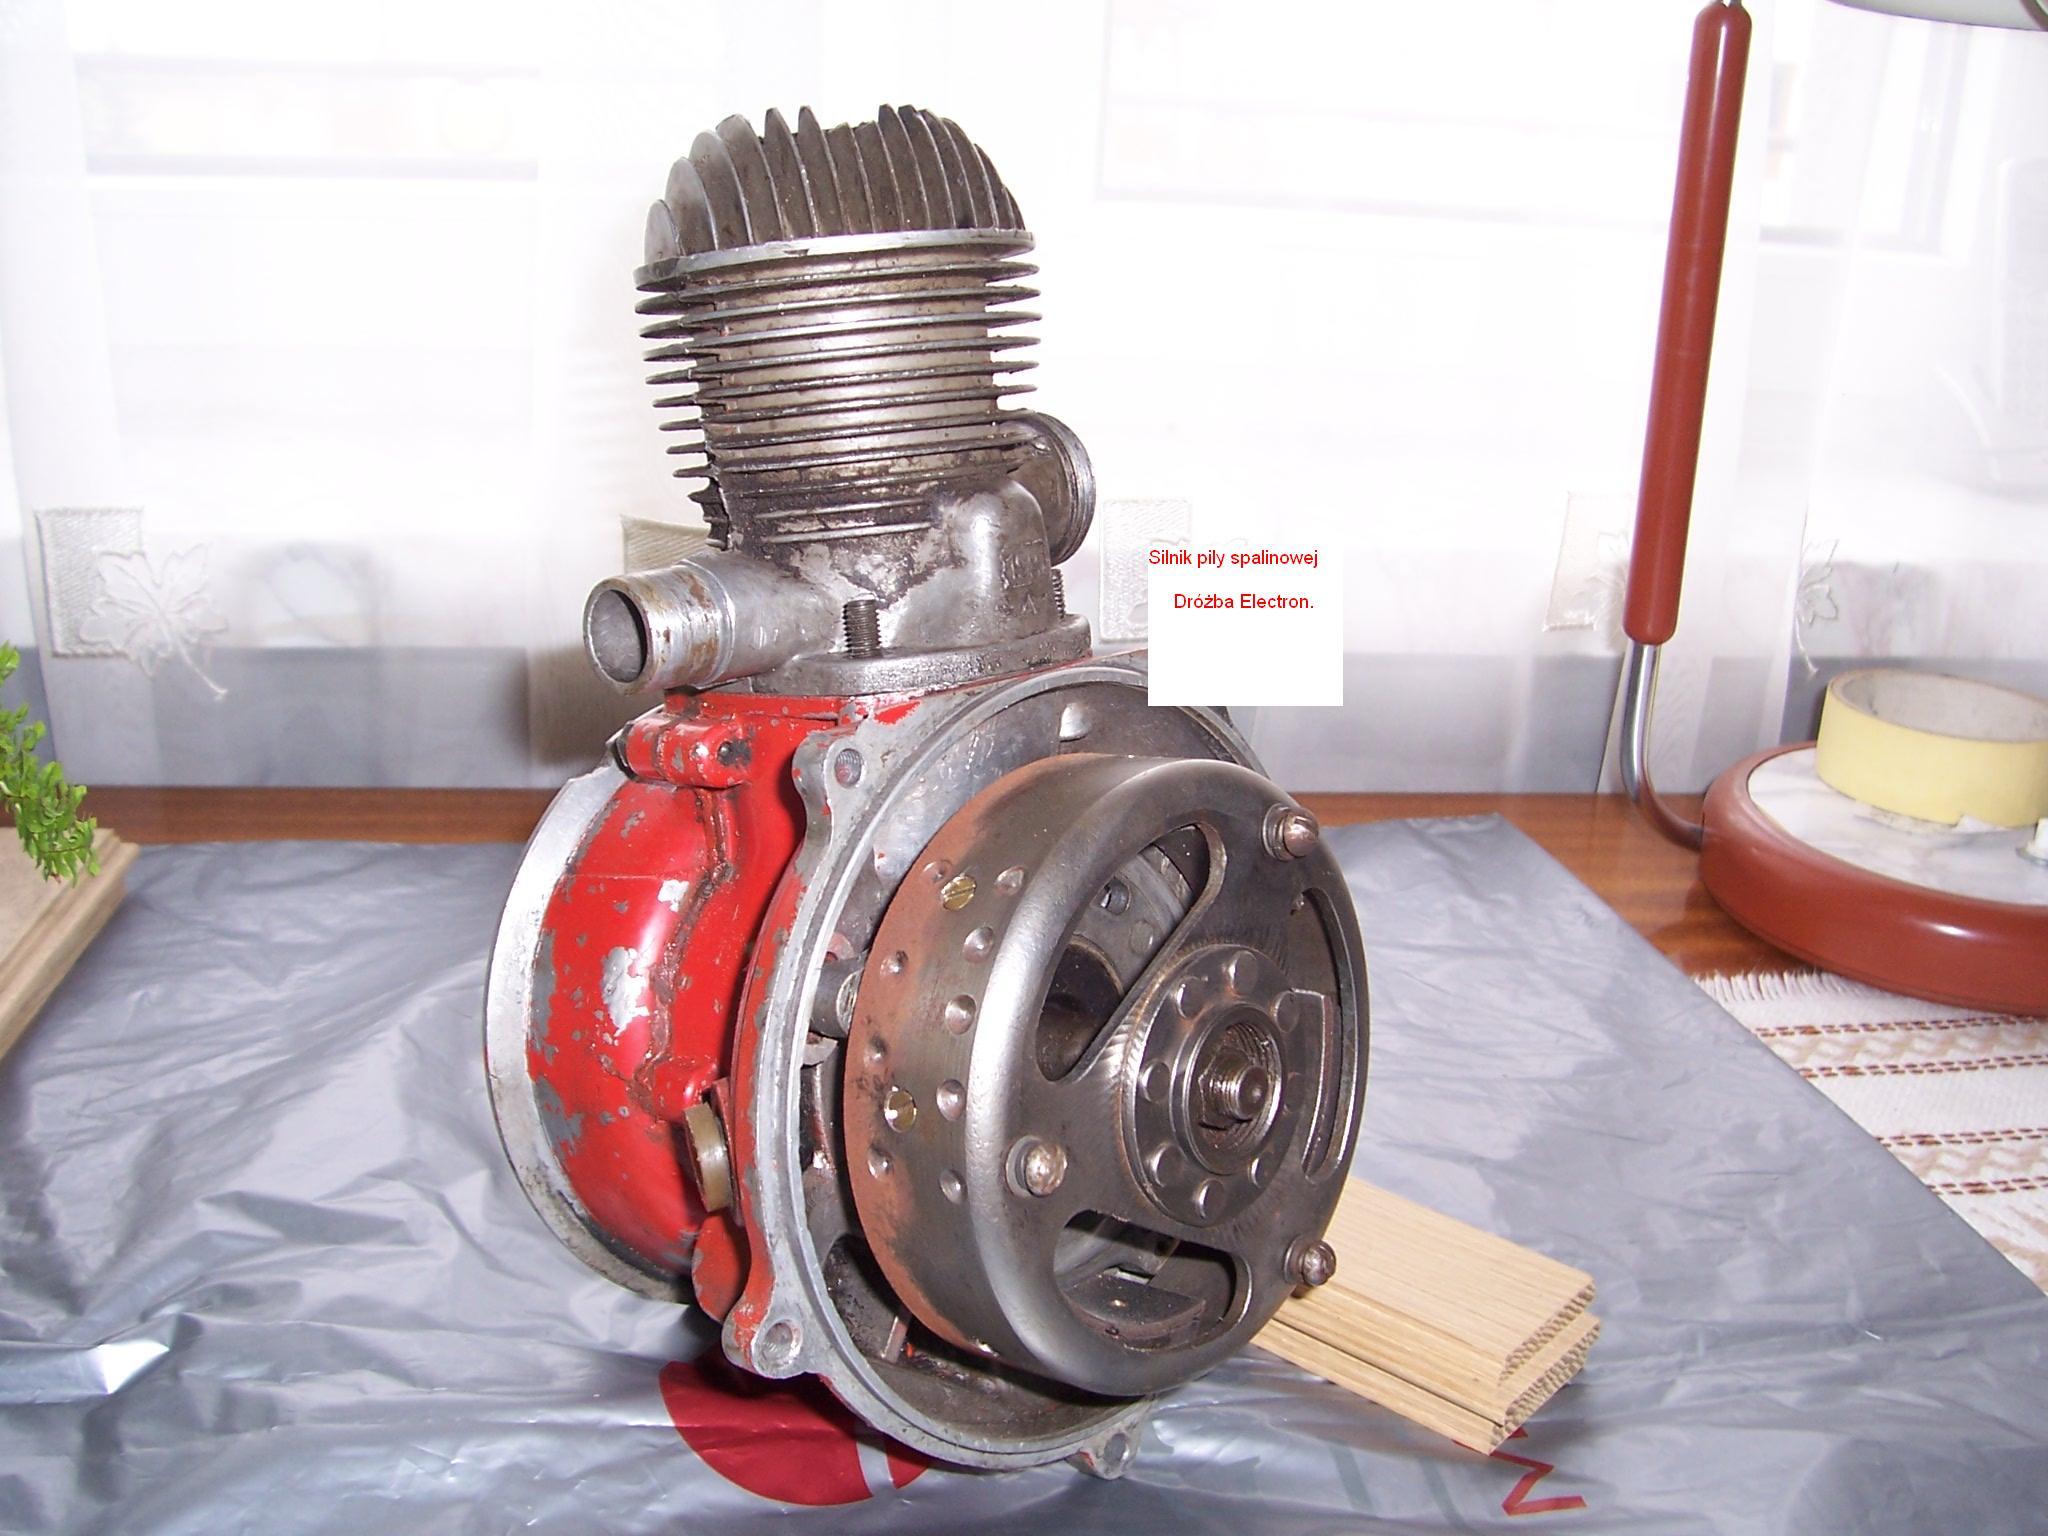 Silnik pi�y spalinowej DRU�BA Electron - modyfikacja zap�onu